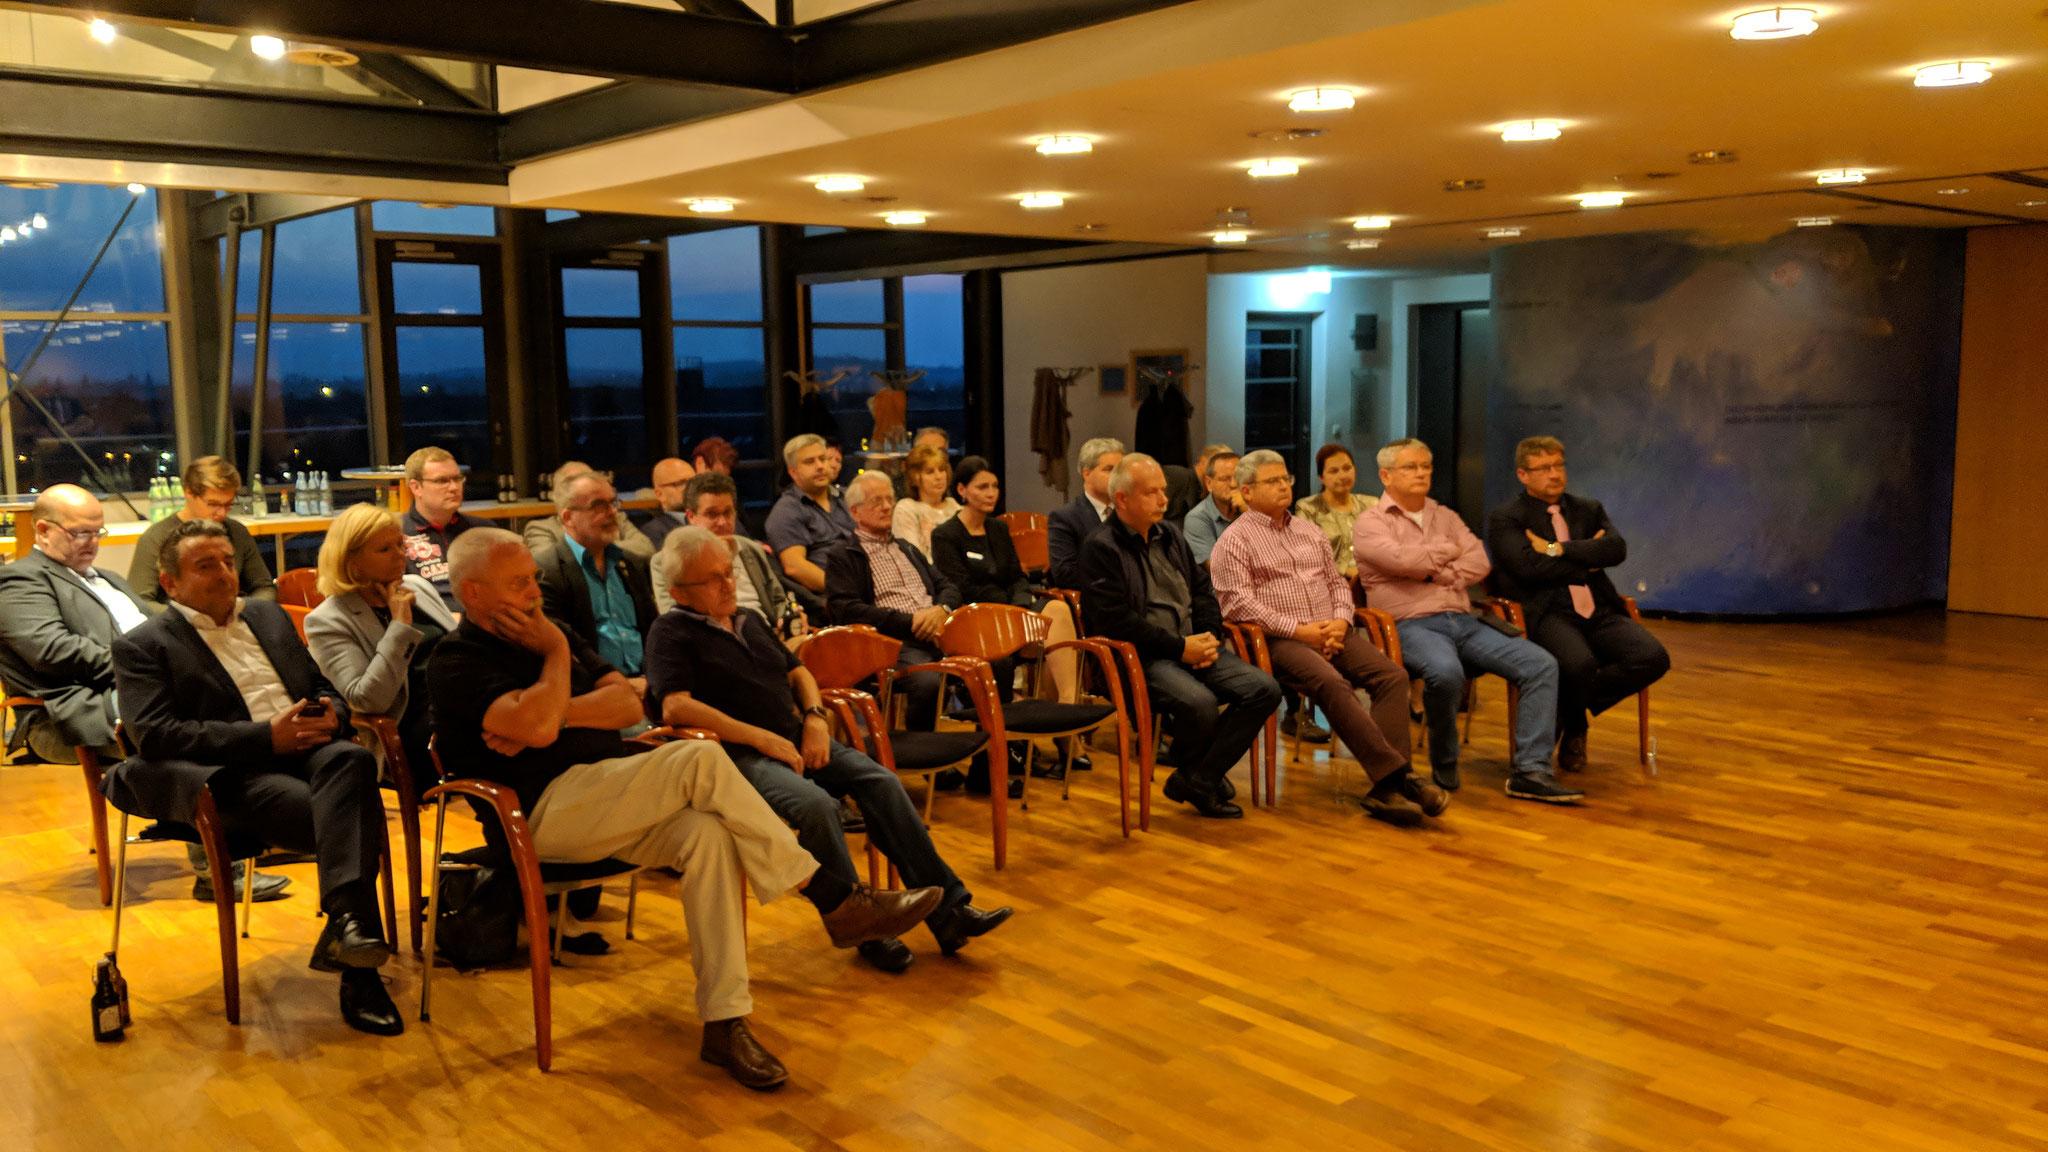 Vielen Dank für die gut besuchte Mitgliederversammlung!